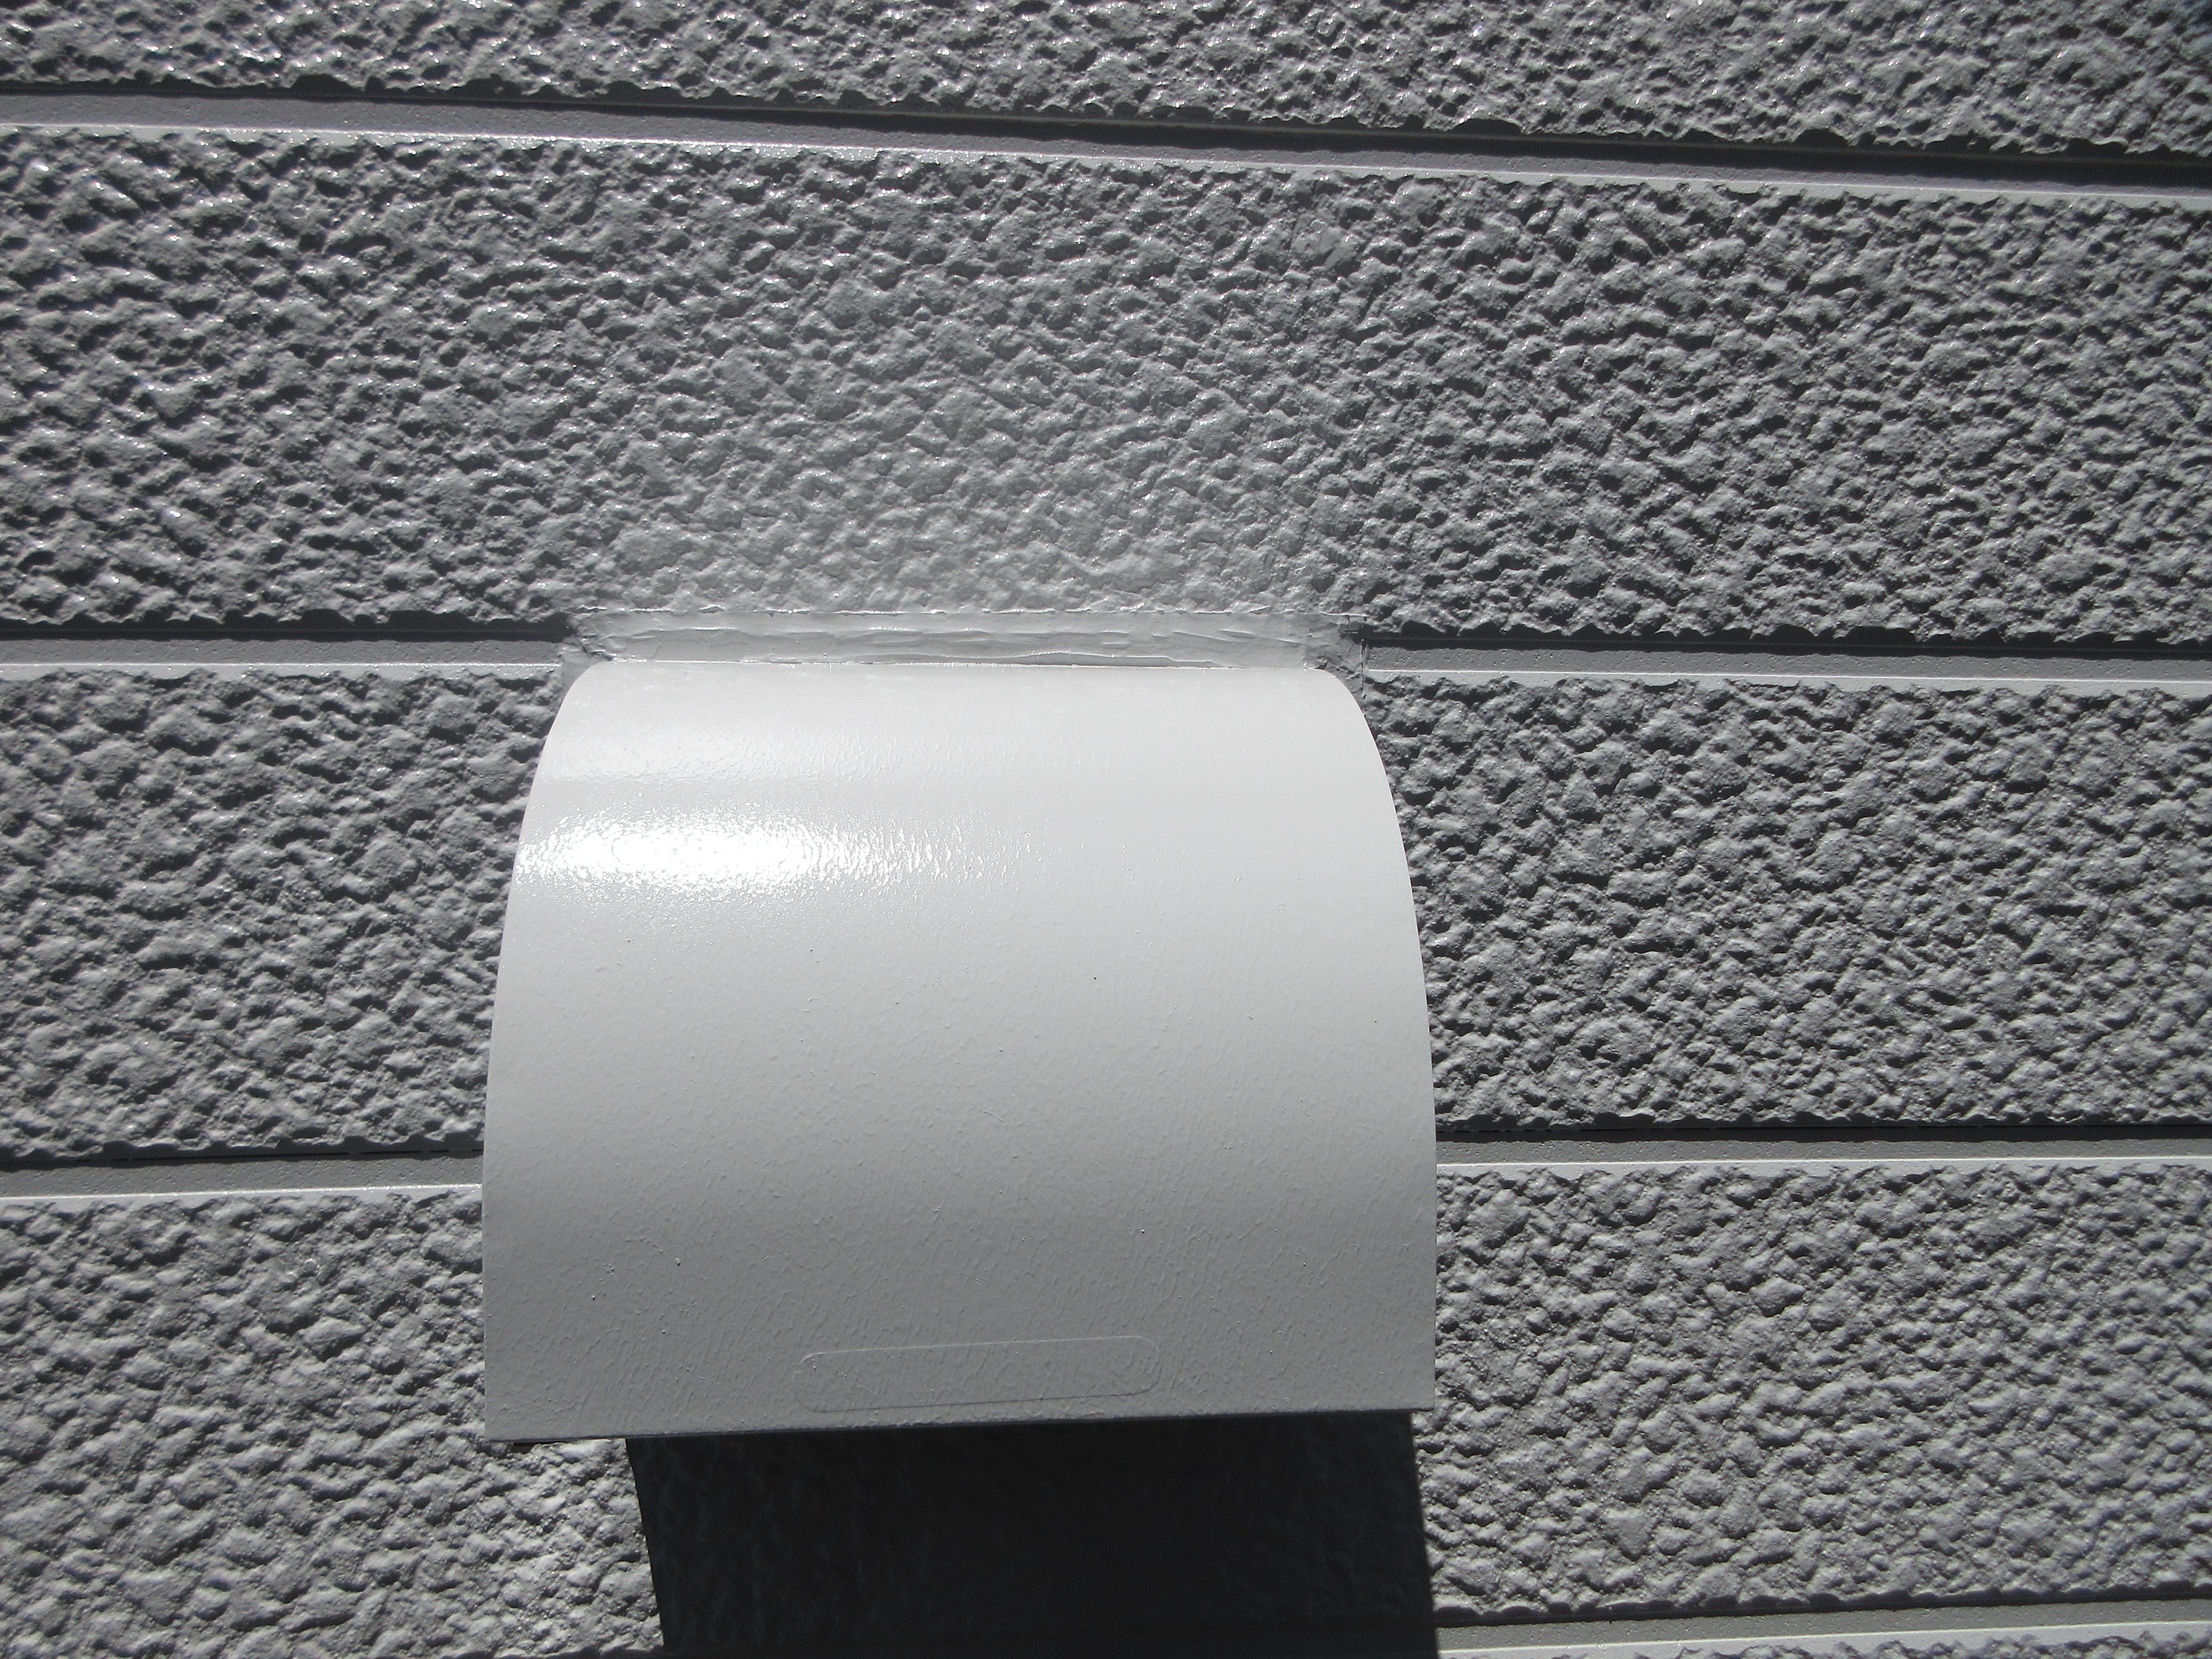 【和歌山市】T様邸<br>『ライトグレーの外壁と黒の屋根でエレガントな仕上がりに♪』16